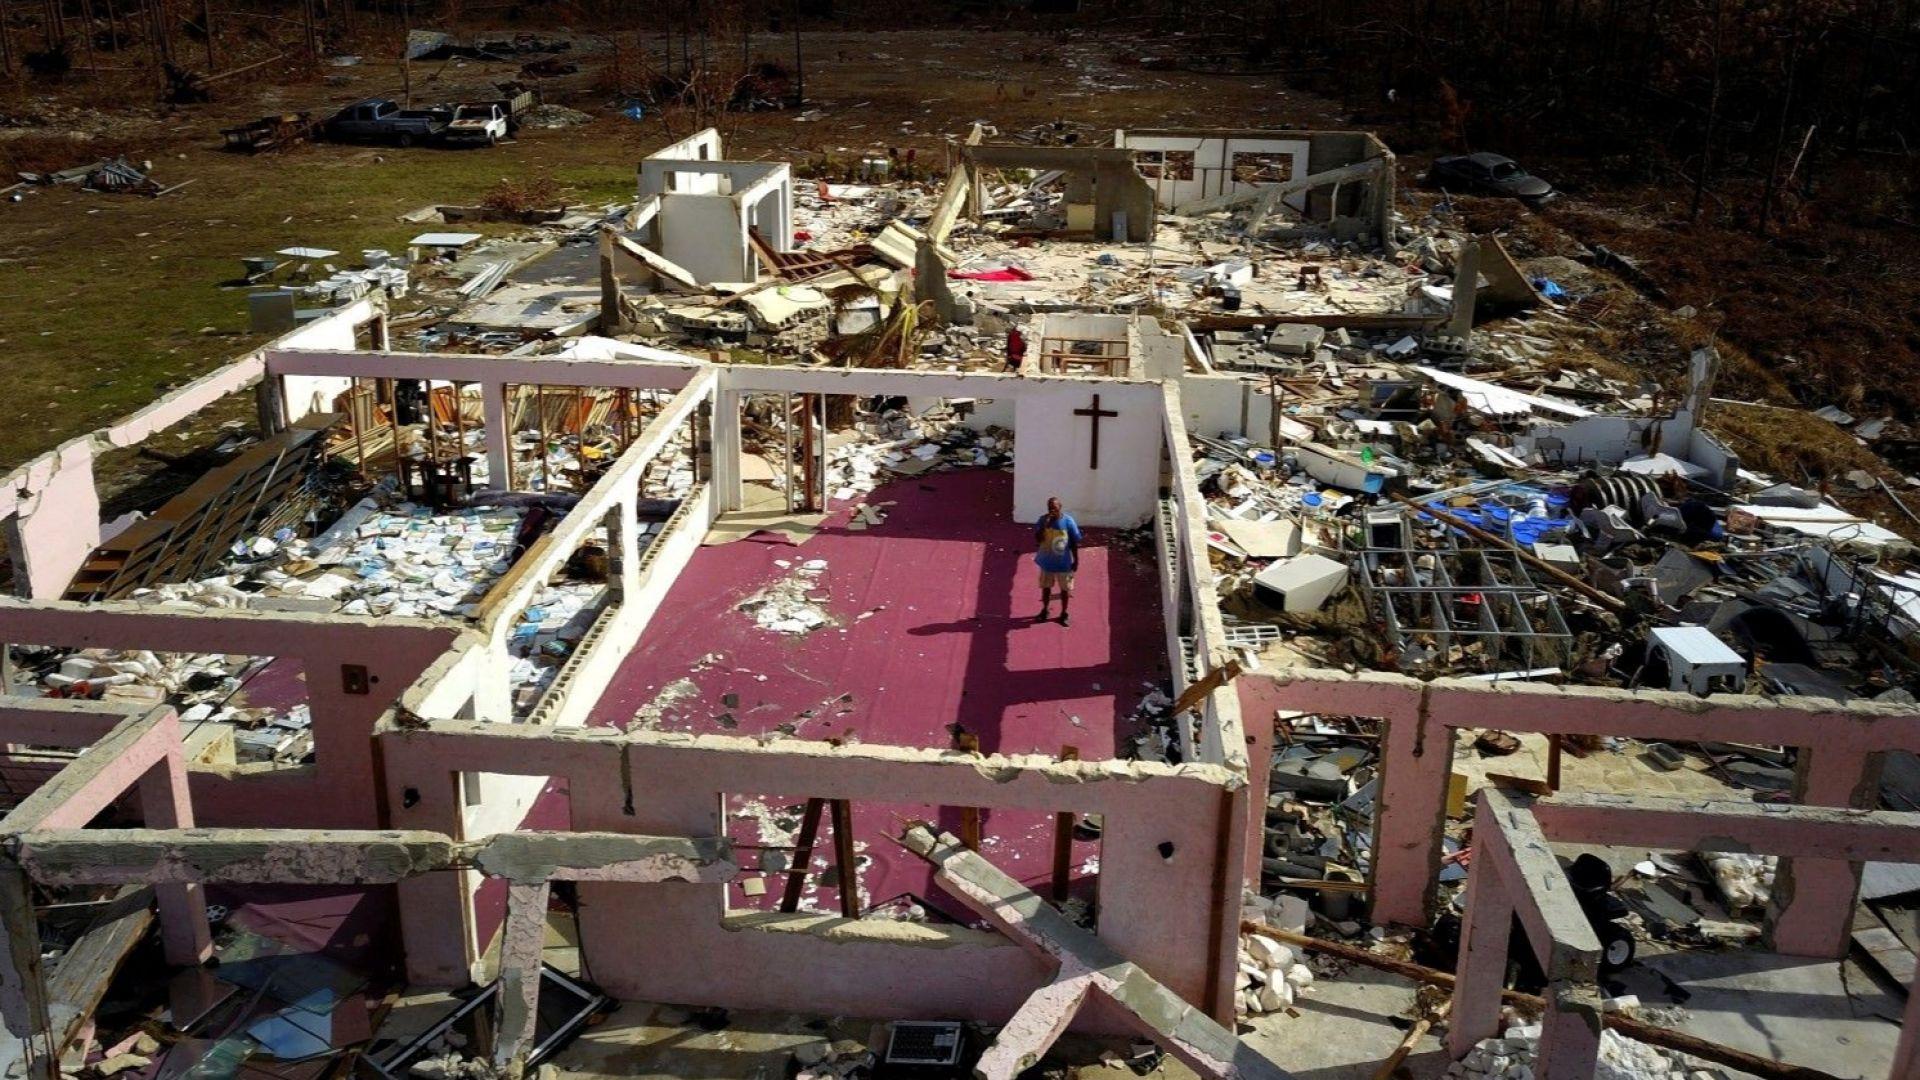 Пастор Йеремия Сондърс сред руините на неговата църква, която беше разрушена от урагана Дориан на Бахамските острови.